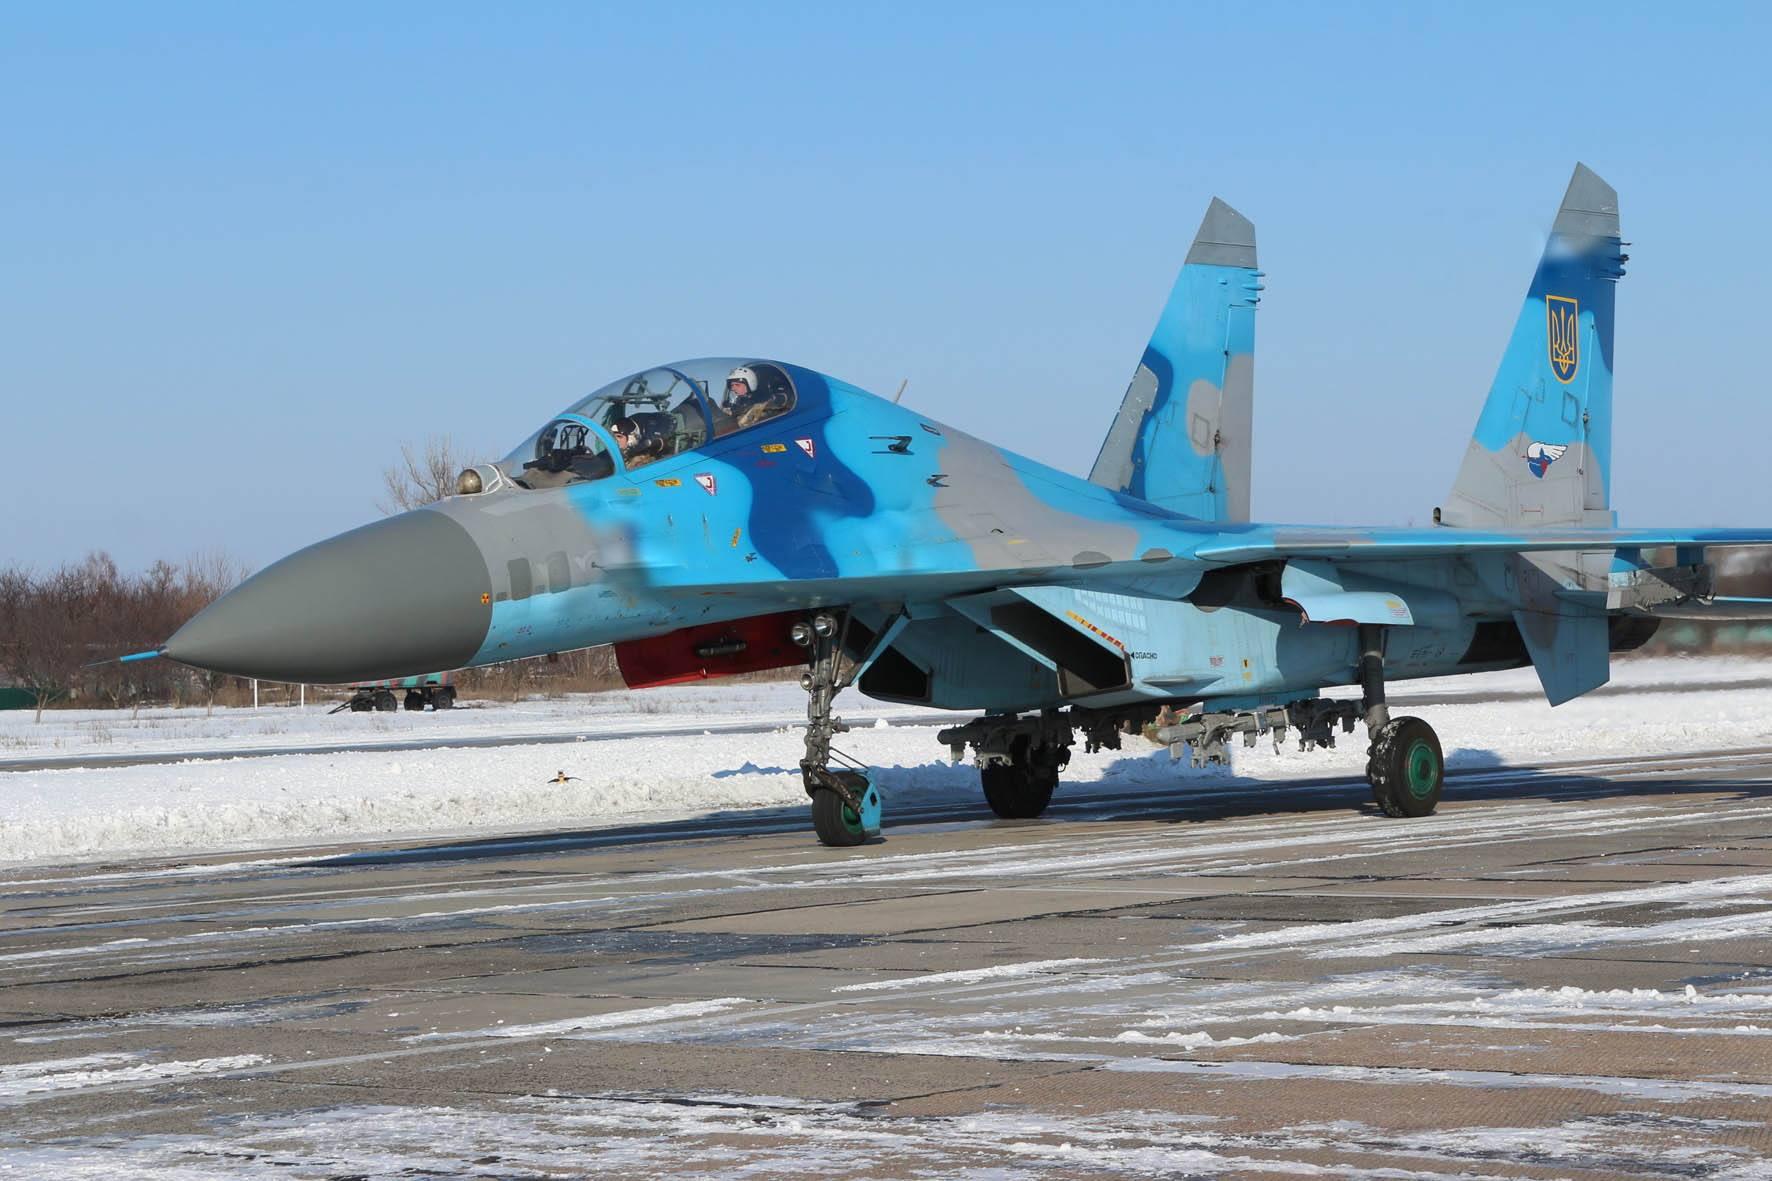 Украинский истребитель совершил аварийную посадку